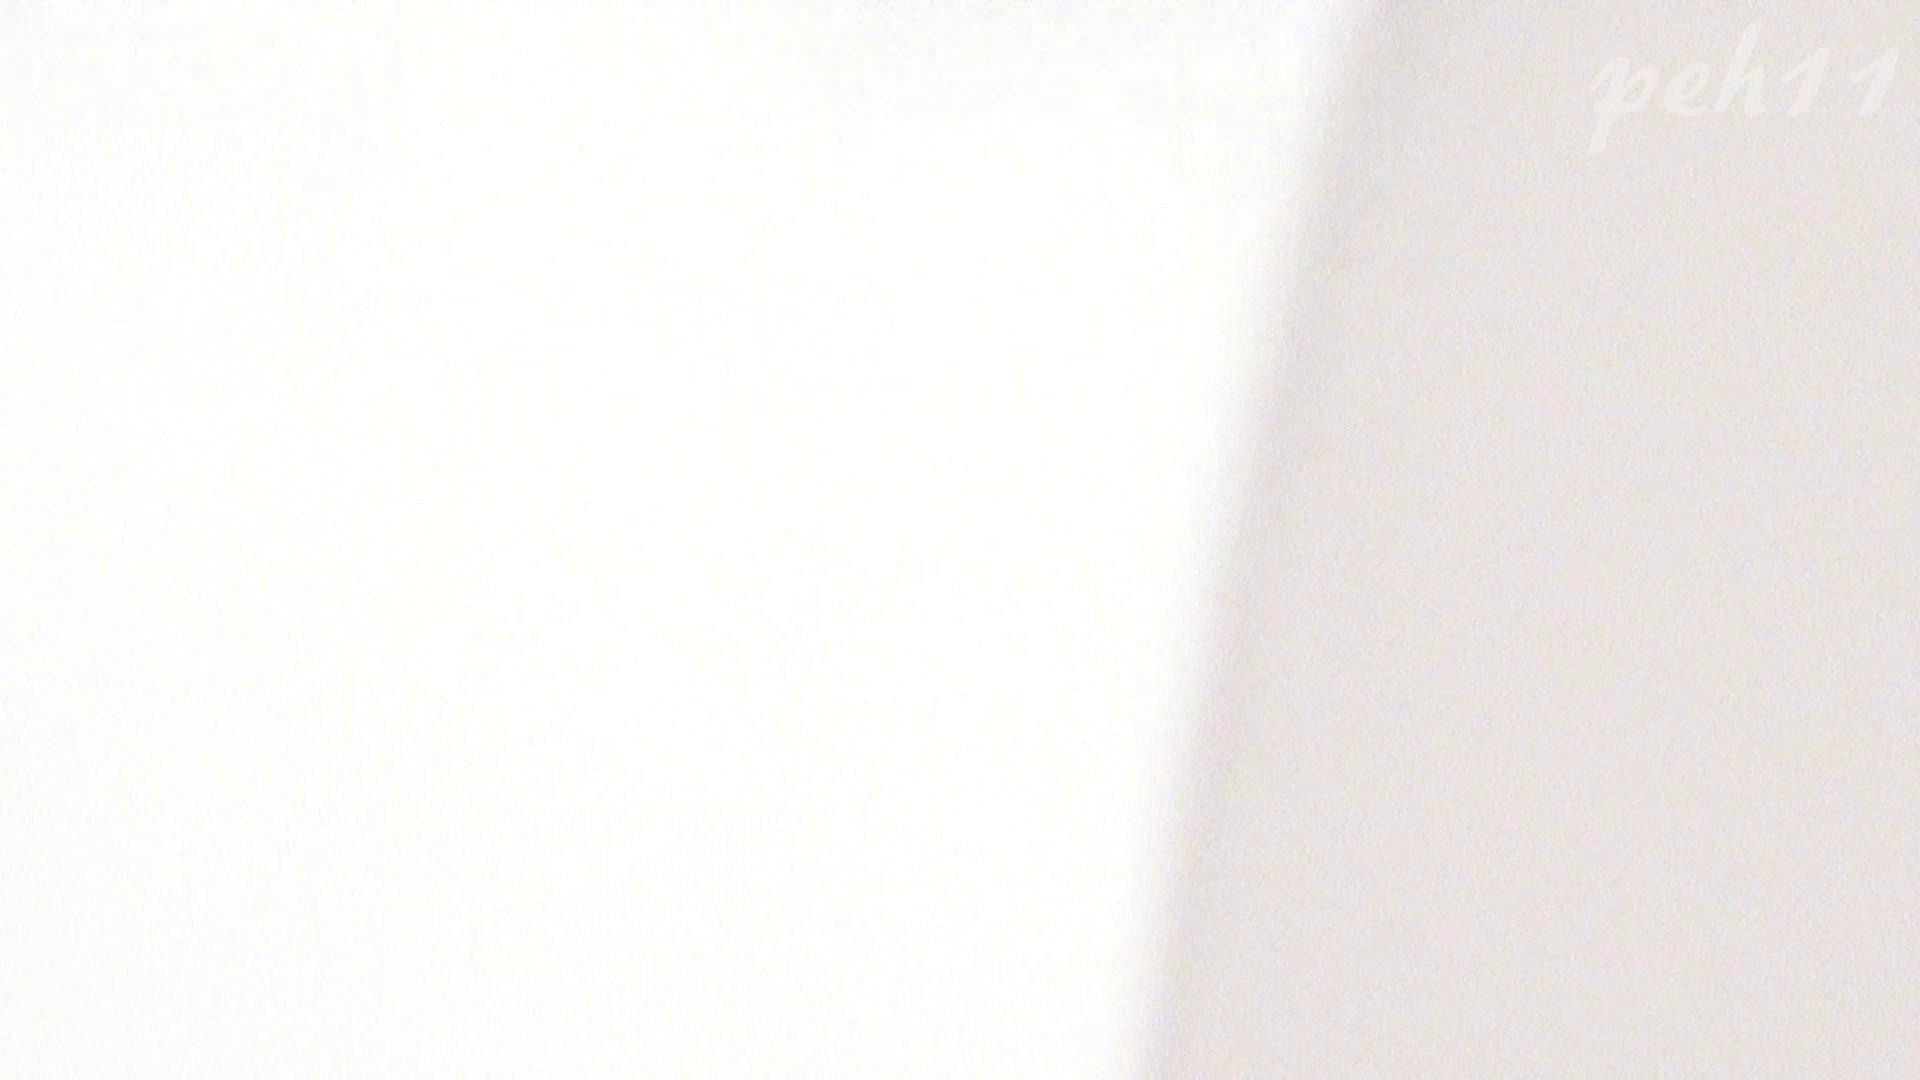 ※100個限定販売 至高下半身盗撮 プレミアム Vol.11 ハイビジョン 盗撮・必見 アダルト動画キャプチャ 87画像 2